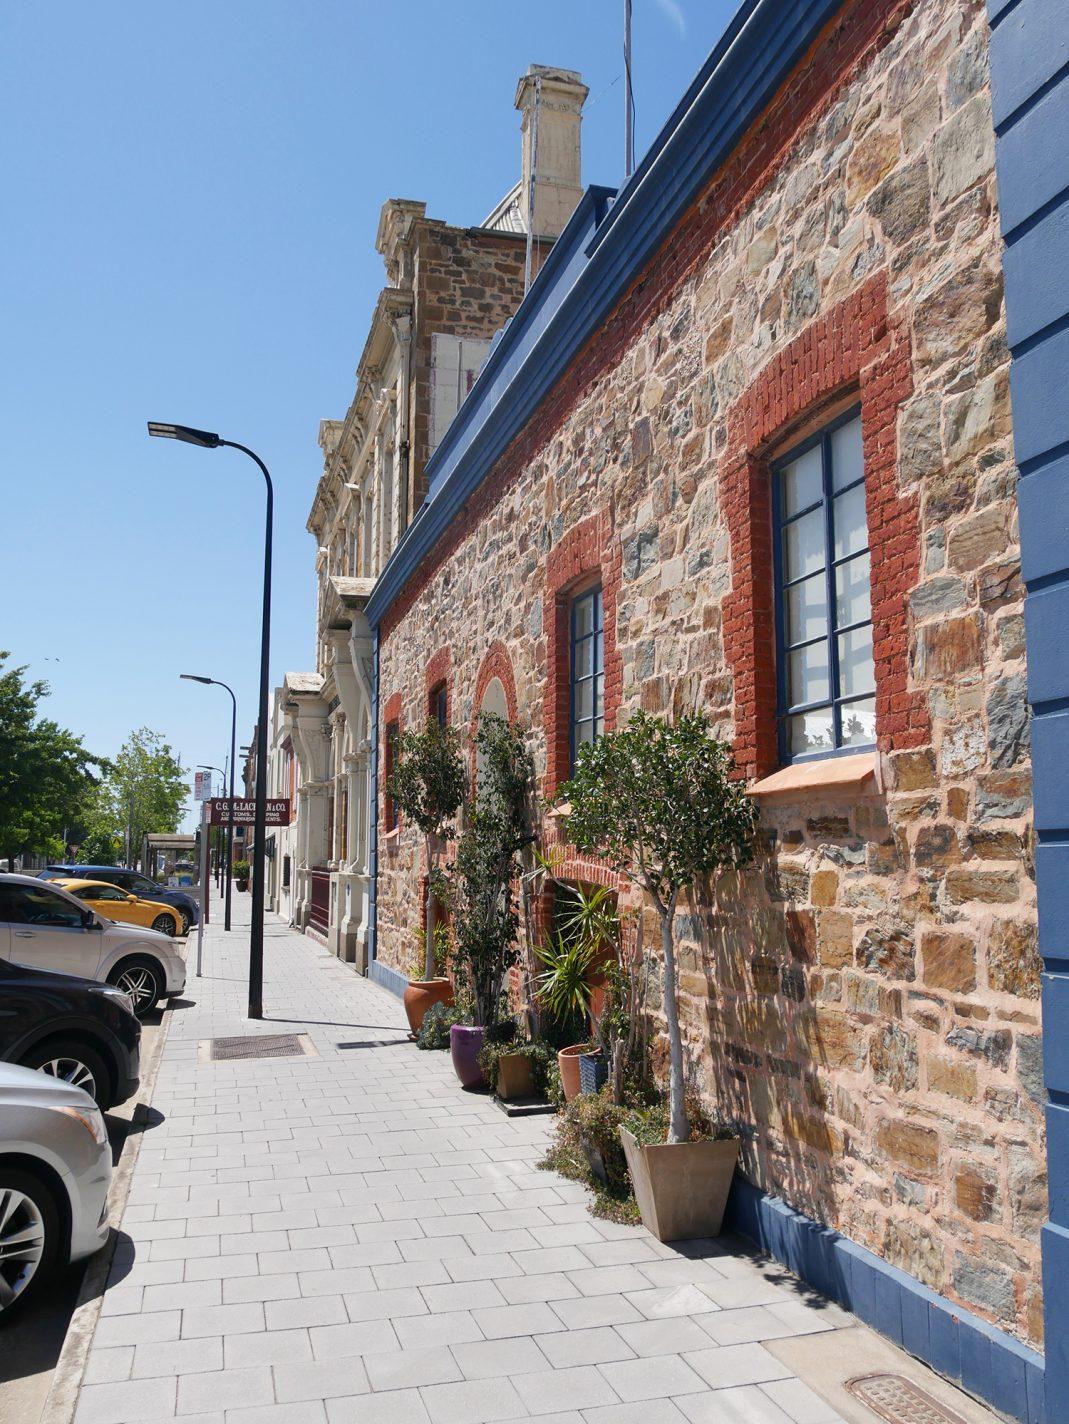 Mooie oude panden in Port Adelaide - Bezienswaardigheden Adelaide